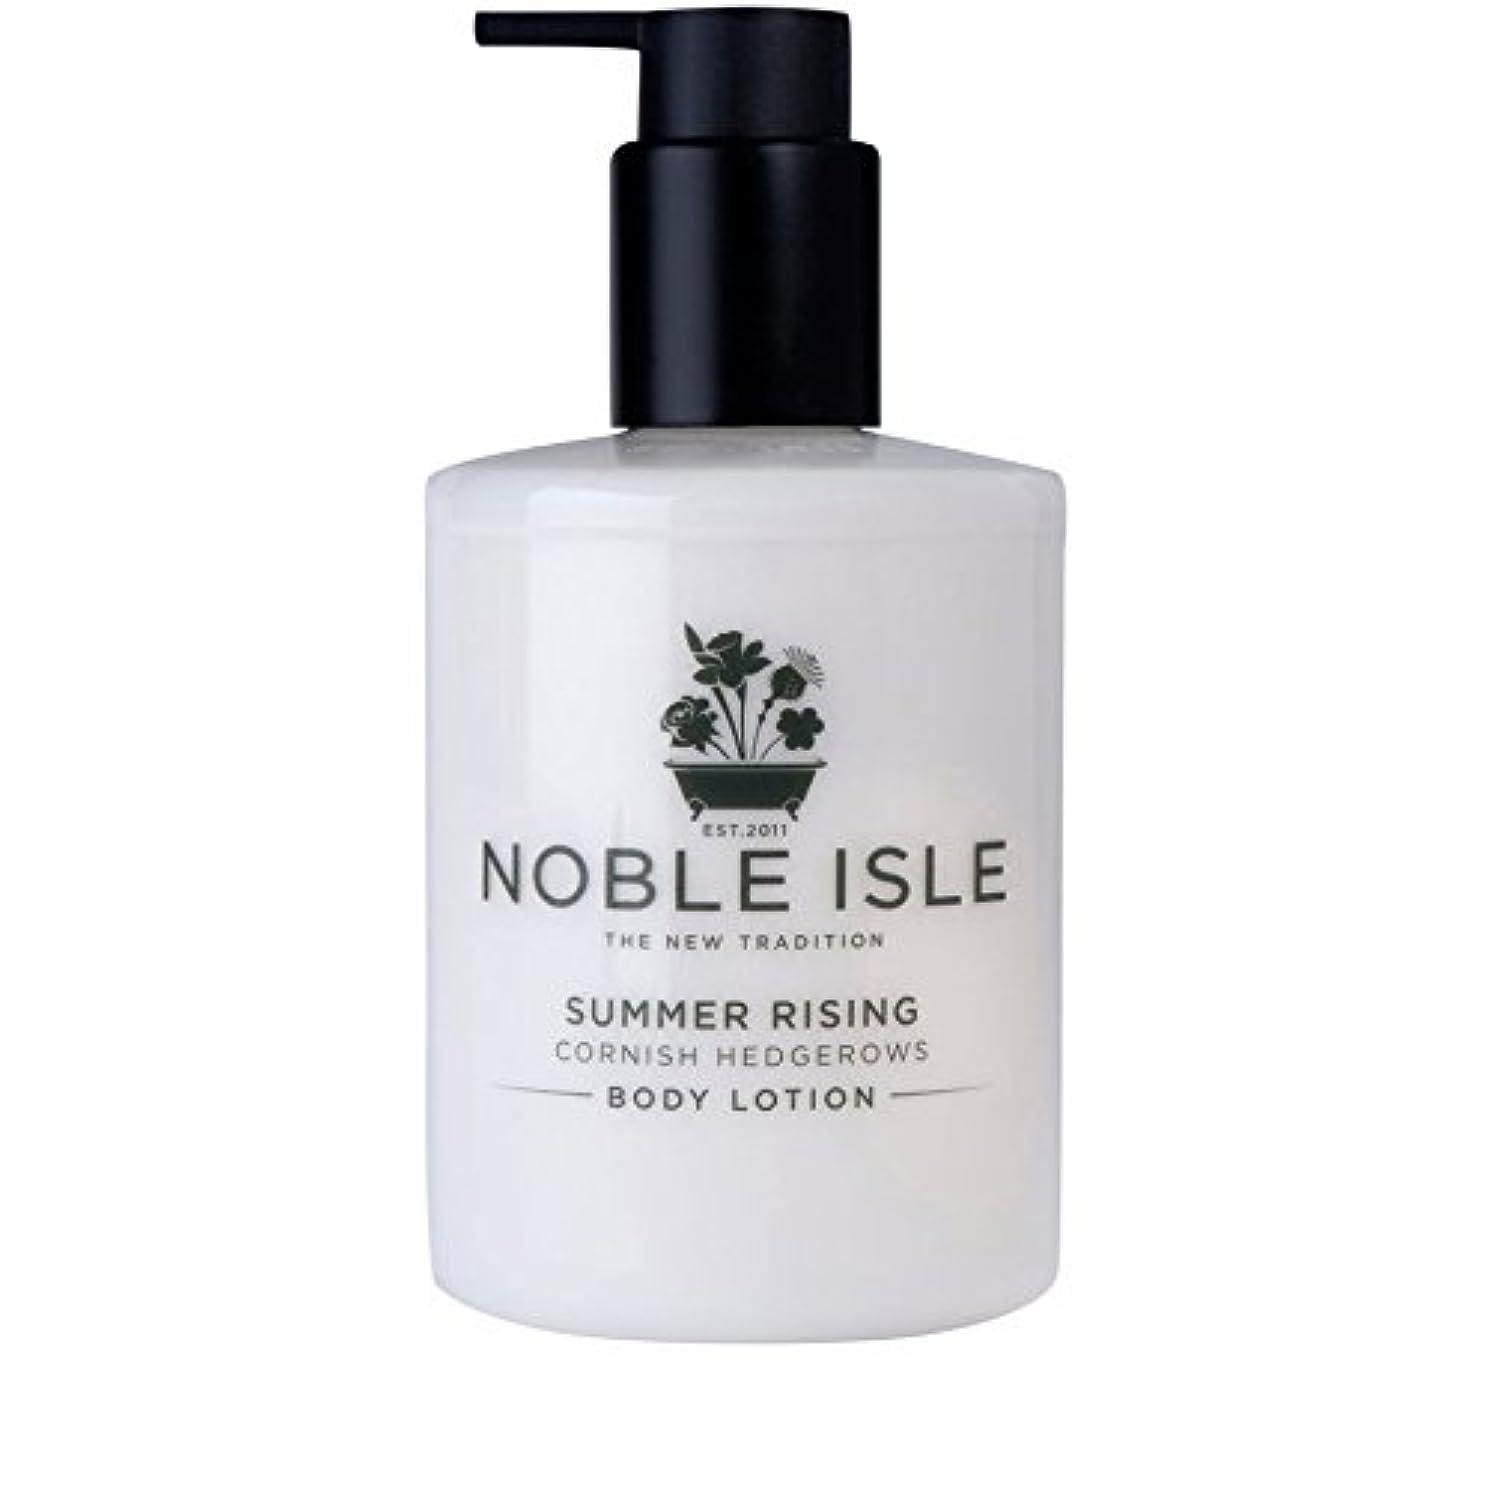 つまずく領域発火するNoble Isle Summer Rising Cornish Hedgerows Body Lotion 250ml (Pack of 6) - コーニッシュ生け垣ボディローション250ミリリットルを上昇高貴な島の夏 x6 [並行輸入品]